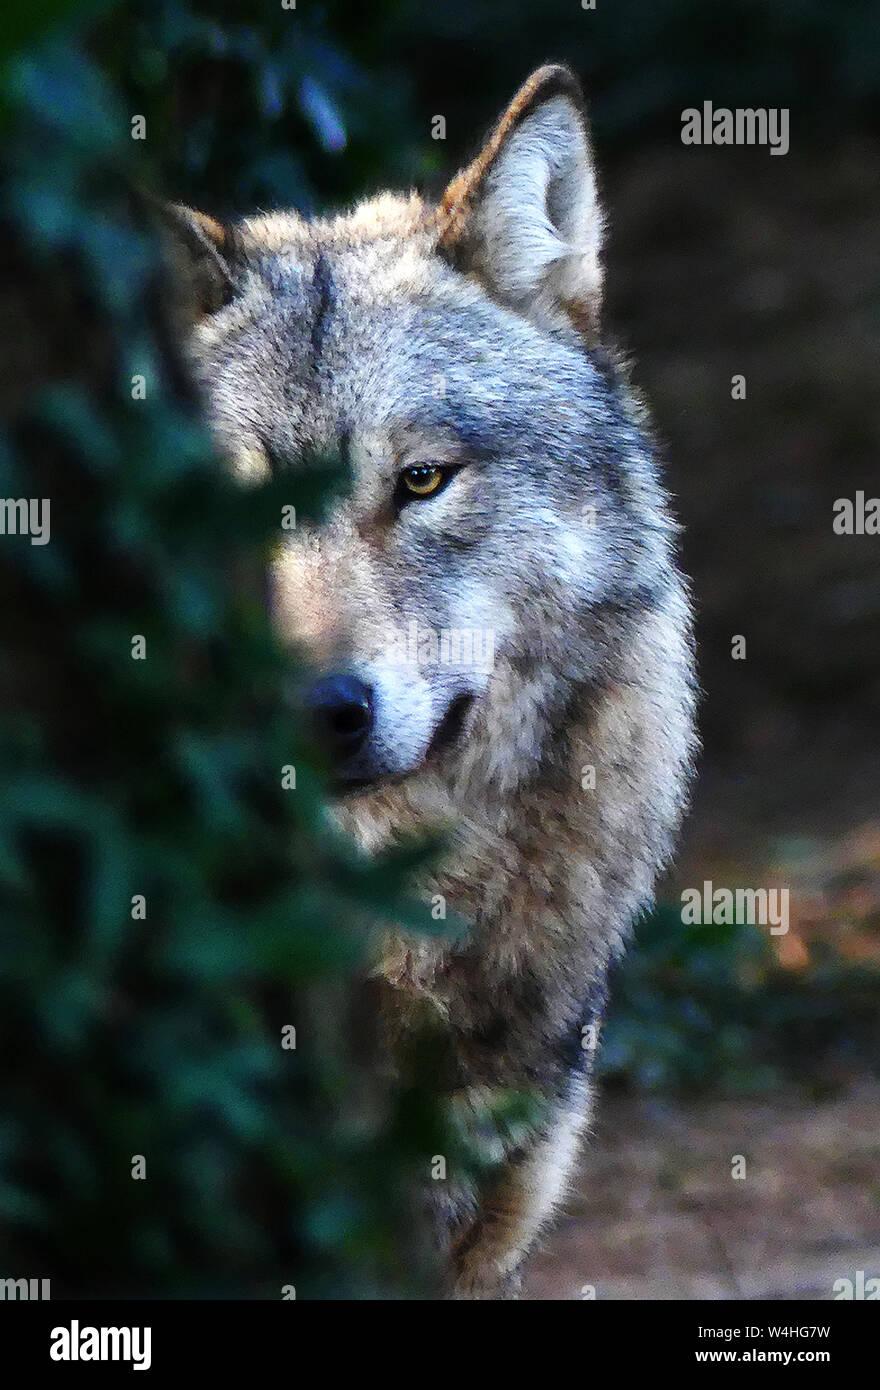 Der Graue Wolf waspersectutedby Menschheit aussterben in der BritishIsles und an vielen Orten rund um Europa. Stockfoto